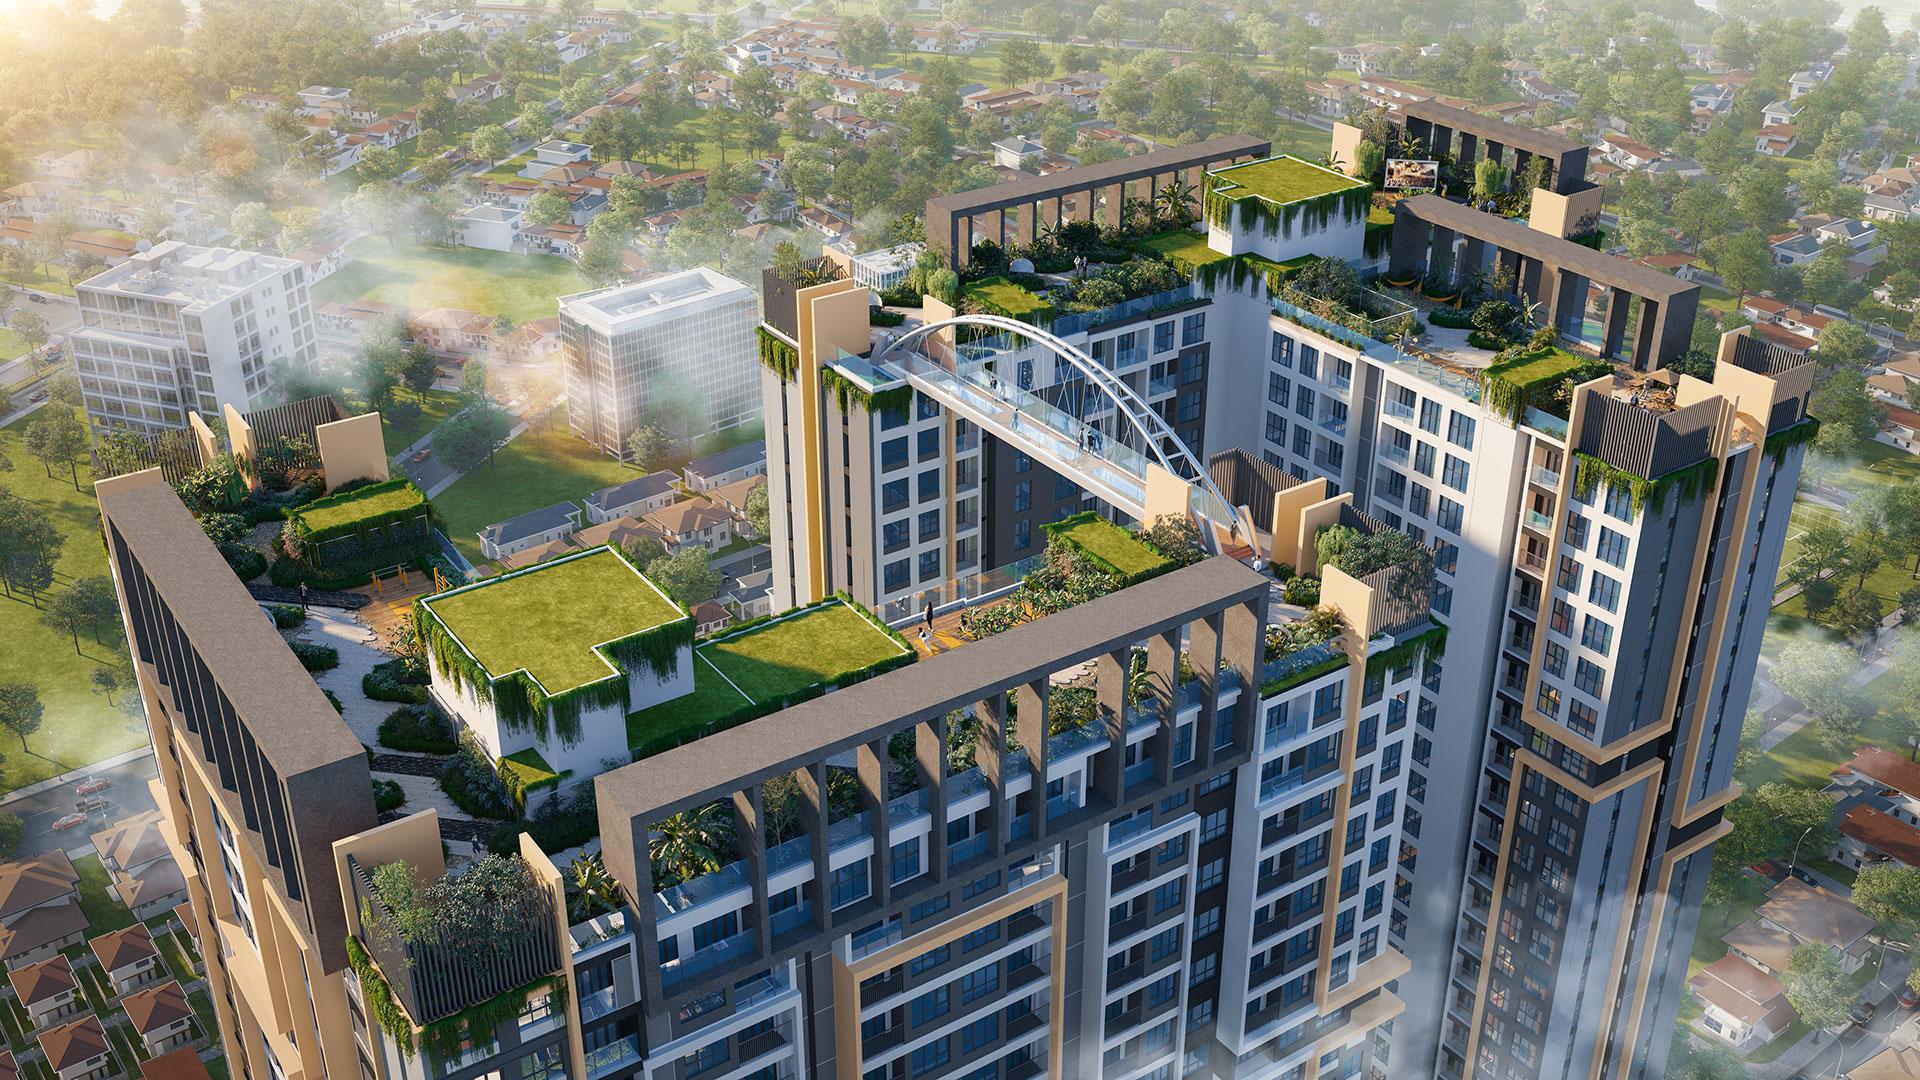 HAPPY ONE - Central với hơn 1.300 căn hộ trên tổng diện tích 10.600m2